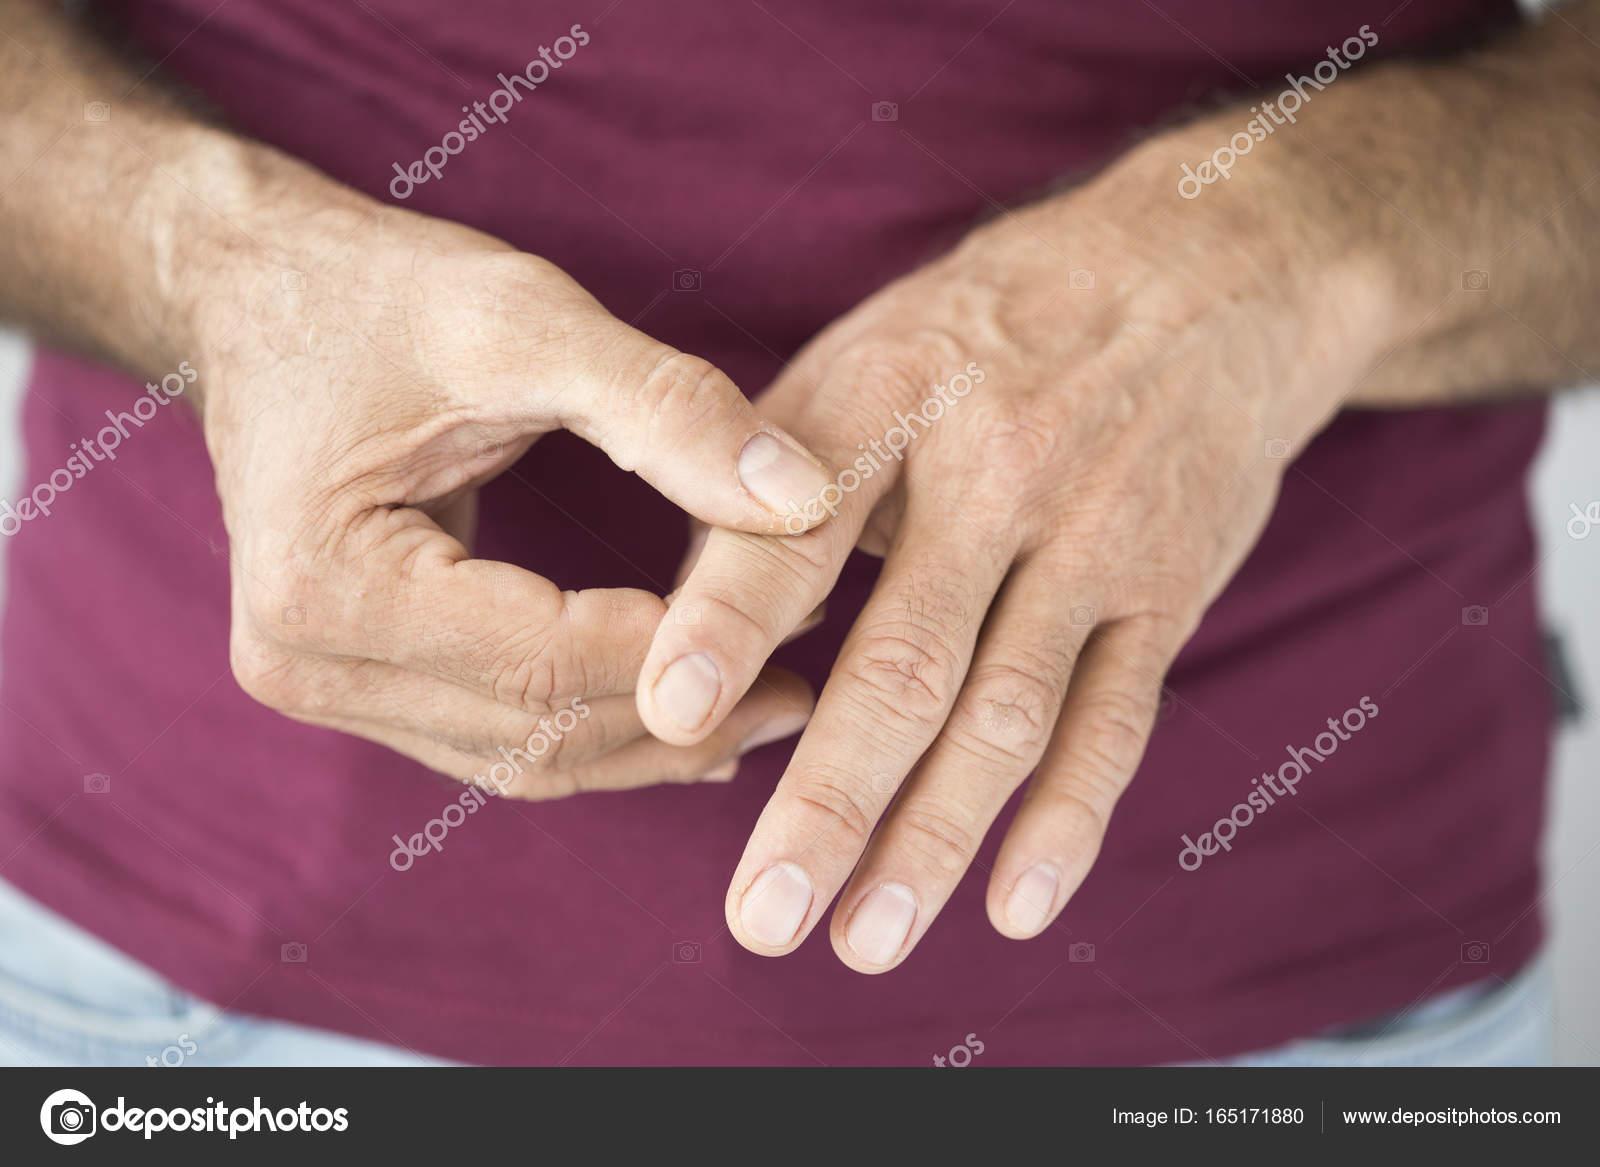 fájdalom a csípőtől az ágyékig)